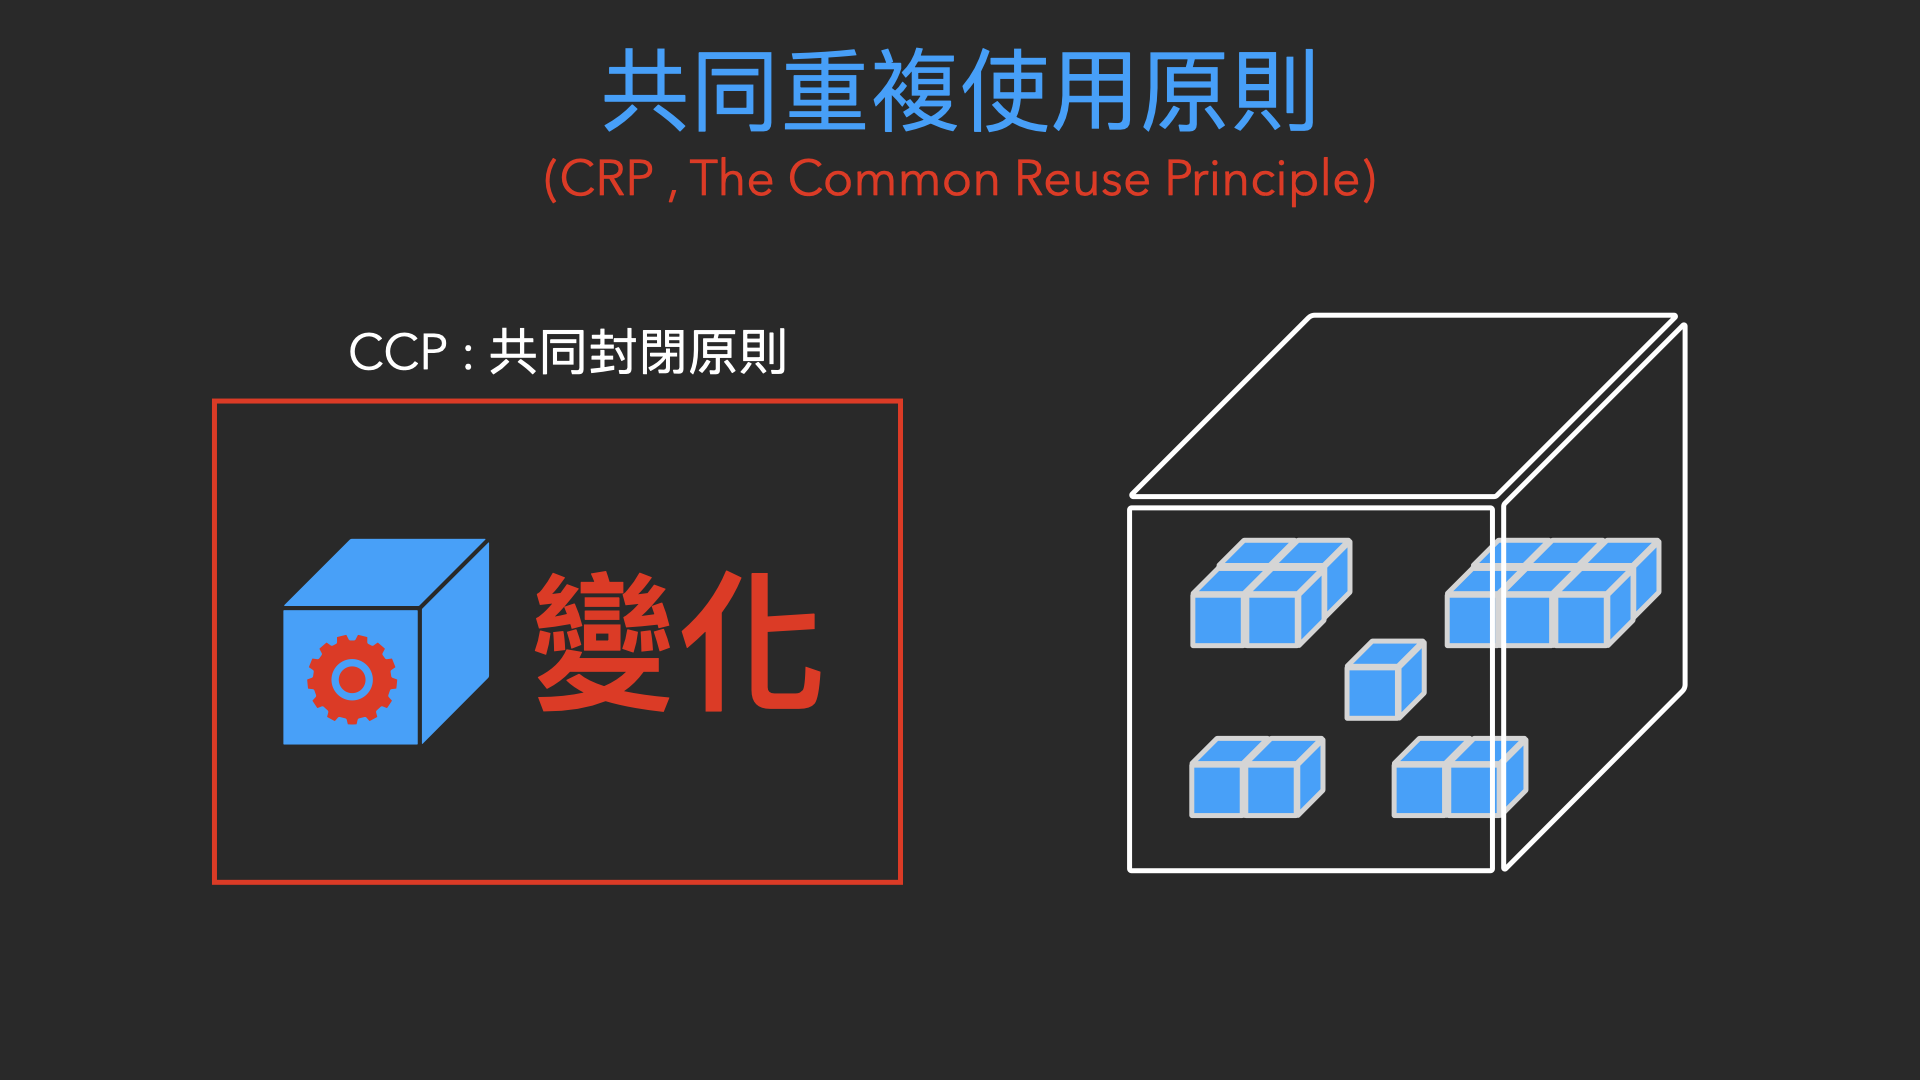 006-1.CRP